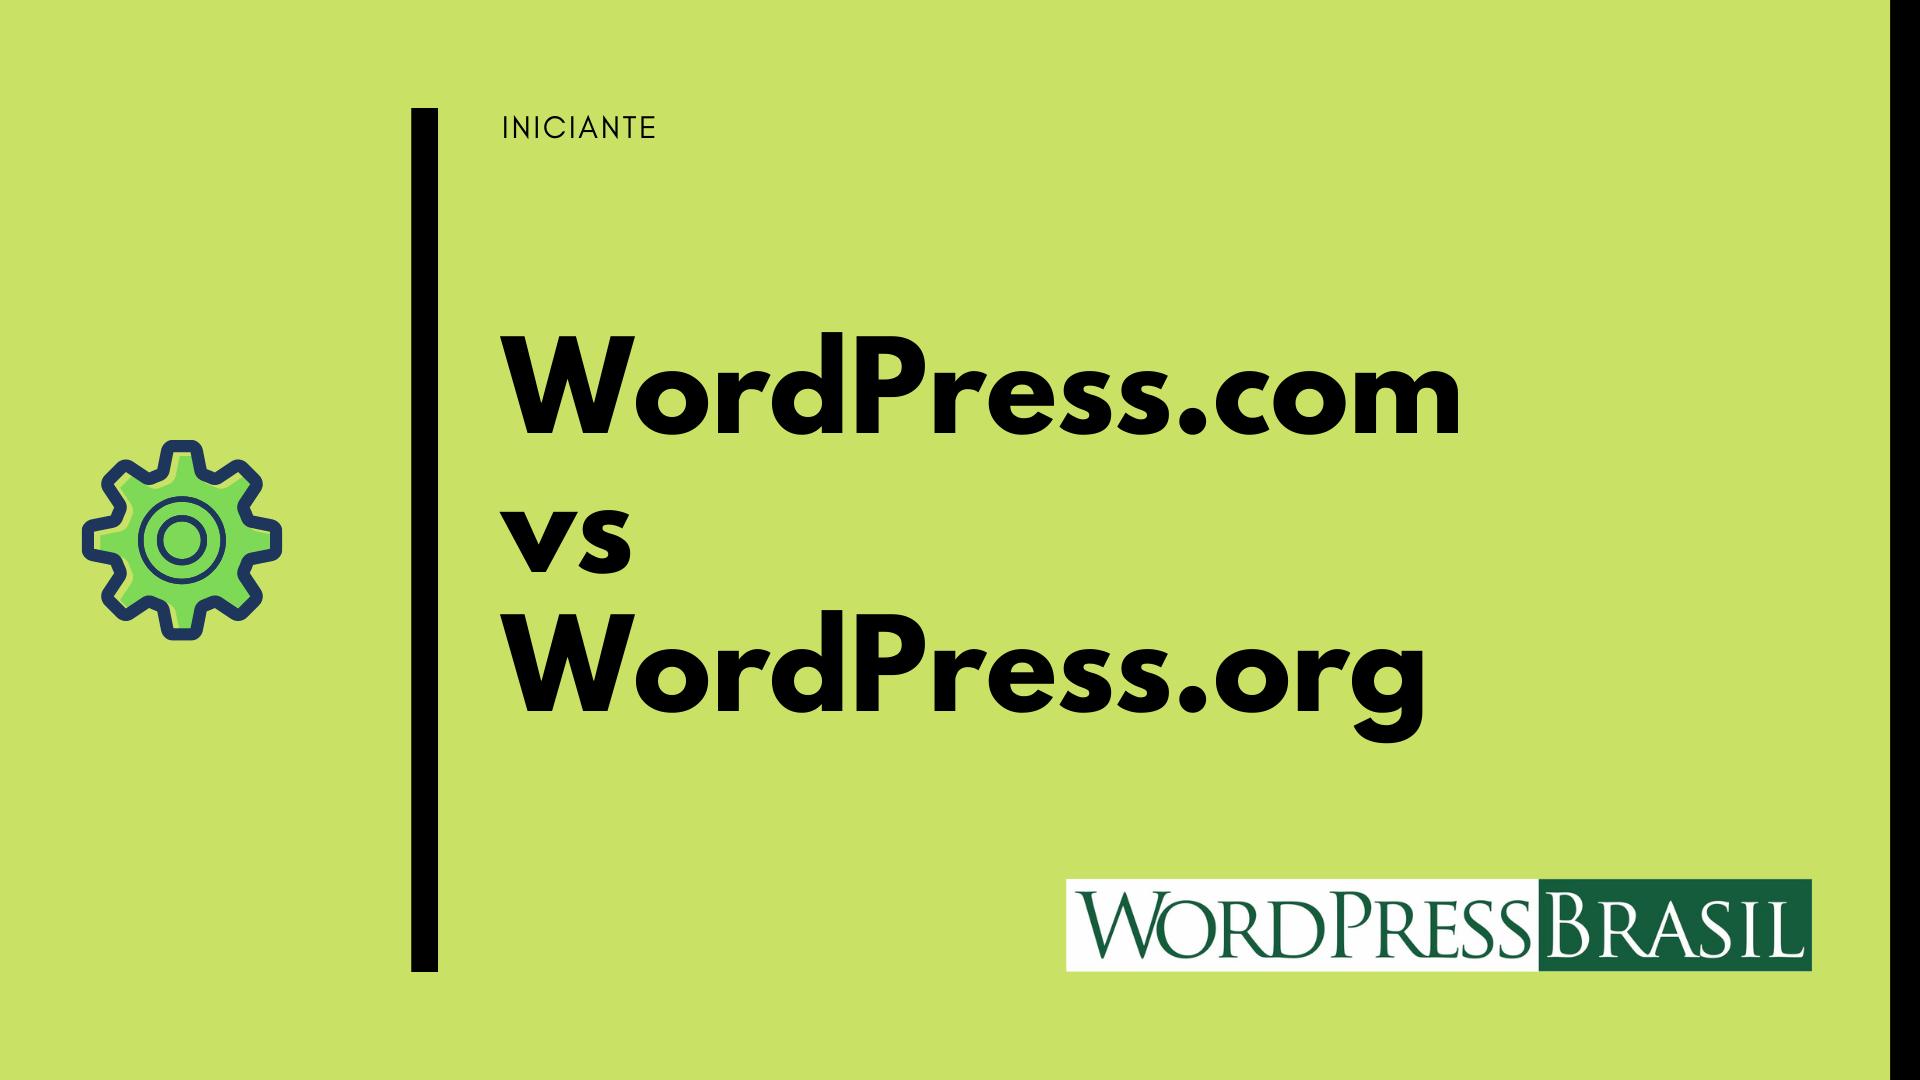 Quais as diferenças entre WordPress.com e WordPress.org